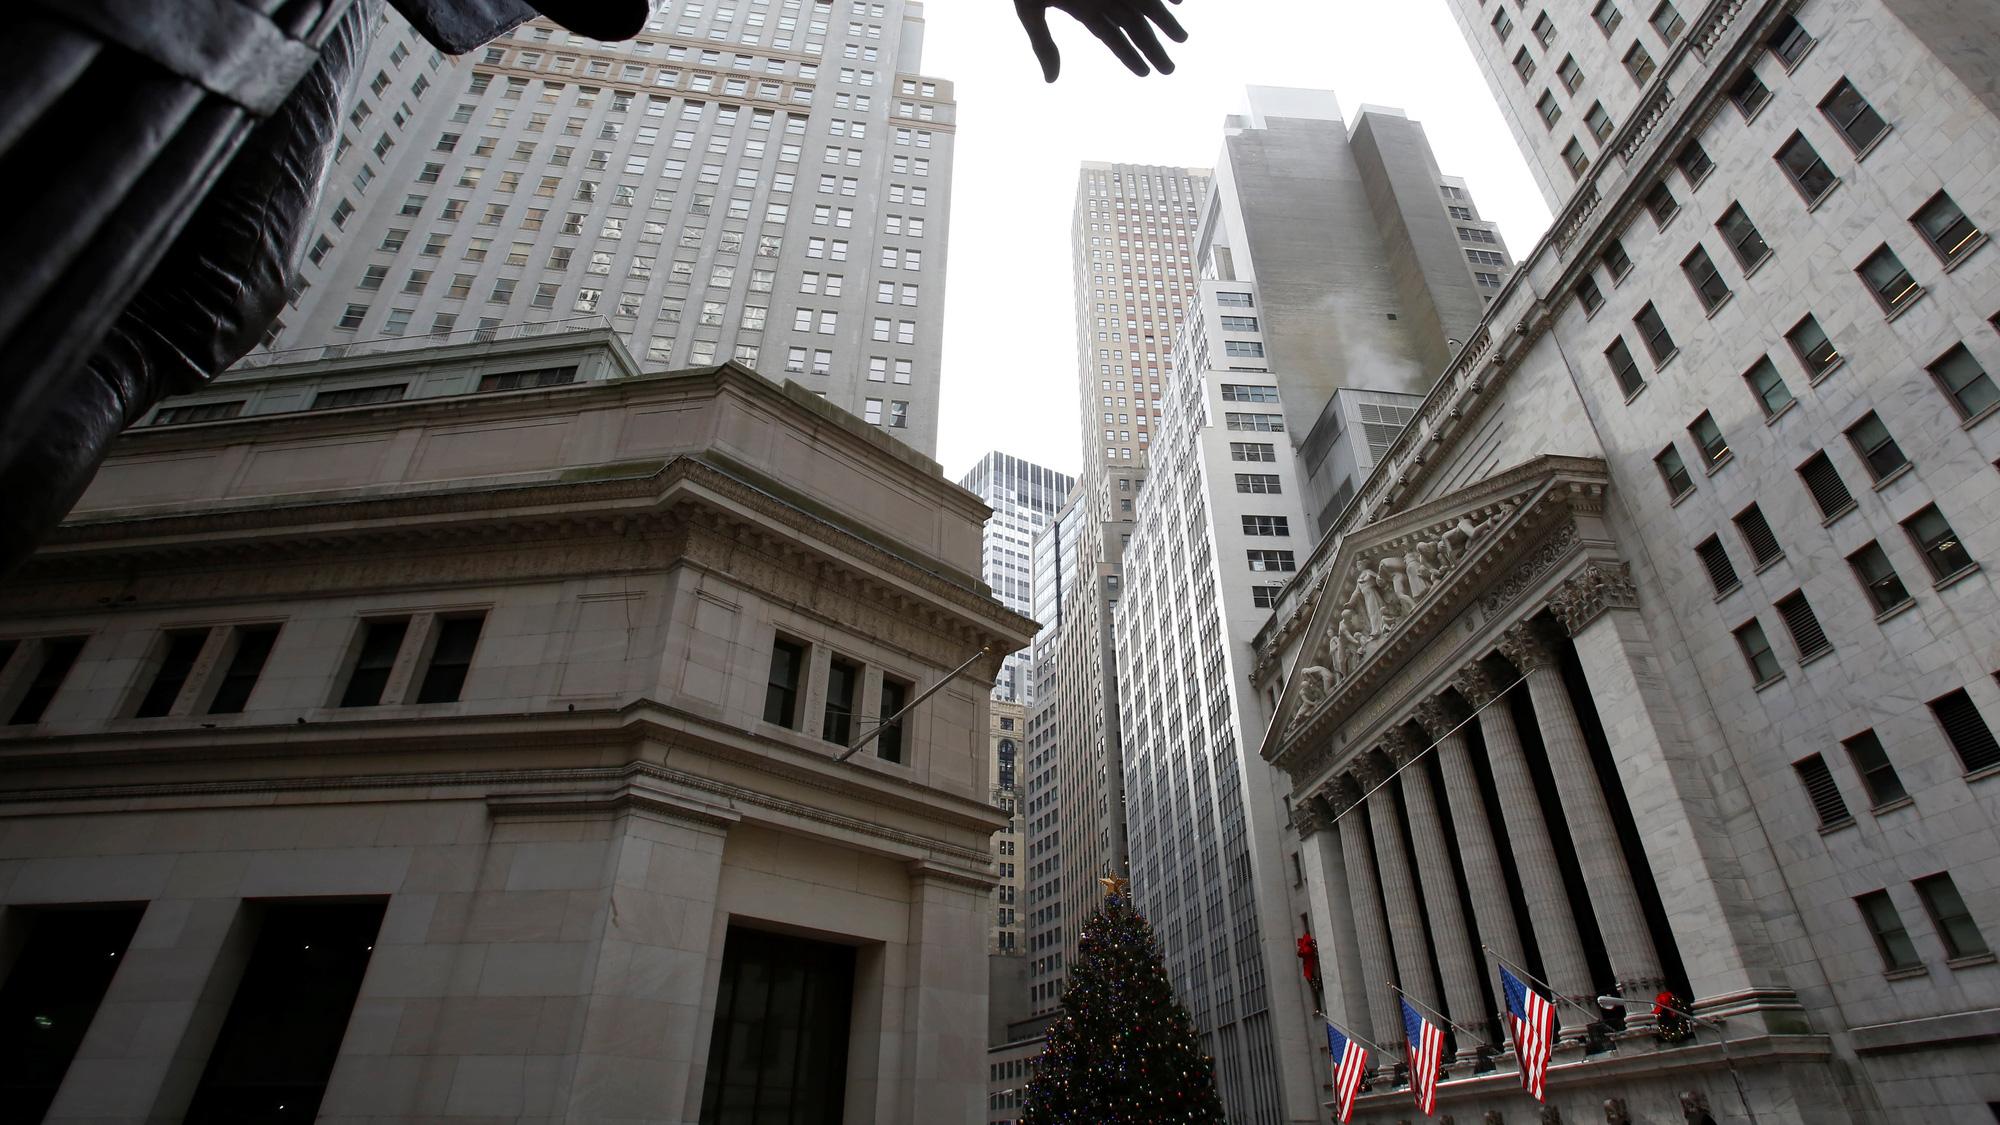 Nhà đầu tư quay trở lại TTCK Mỹ sau thời gian bị hấp dẫn bởi Trung Quốc - Ảnh 1.